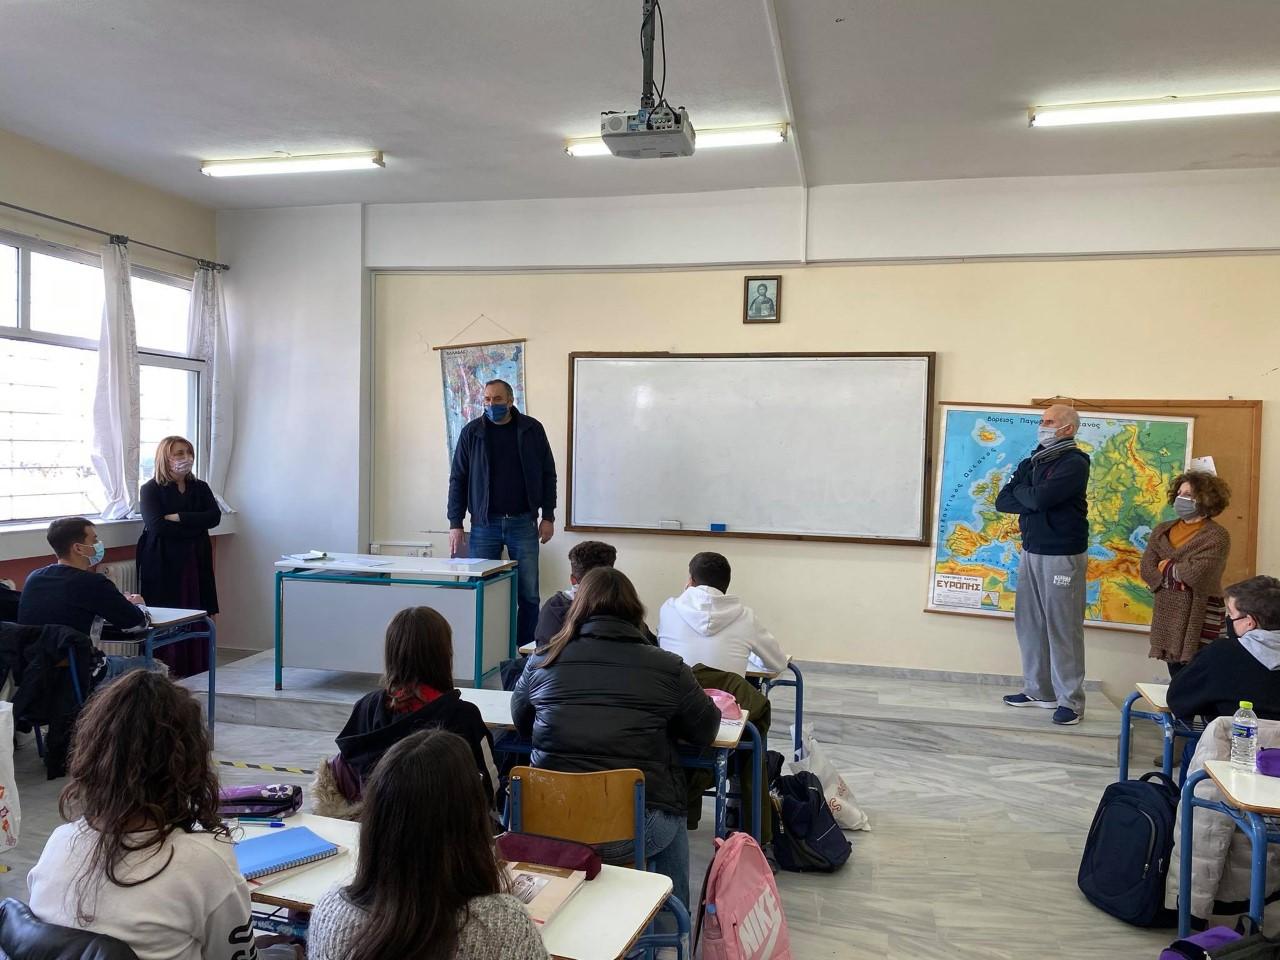 Επίσκεψη Κόκουρα στο Γυμνάσιο Αμπελώνα